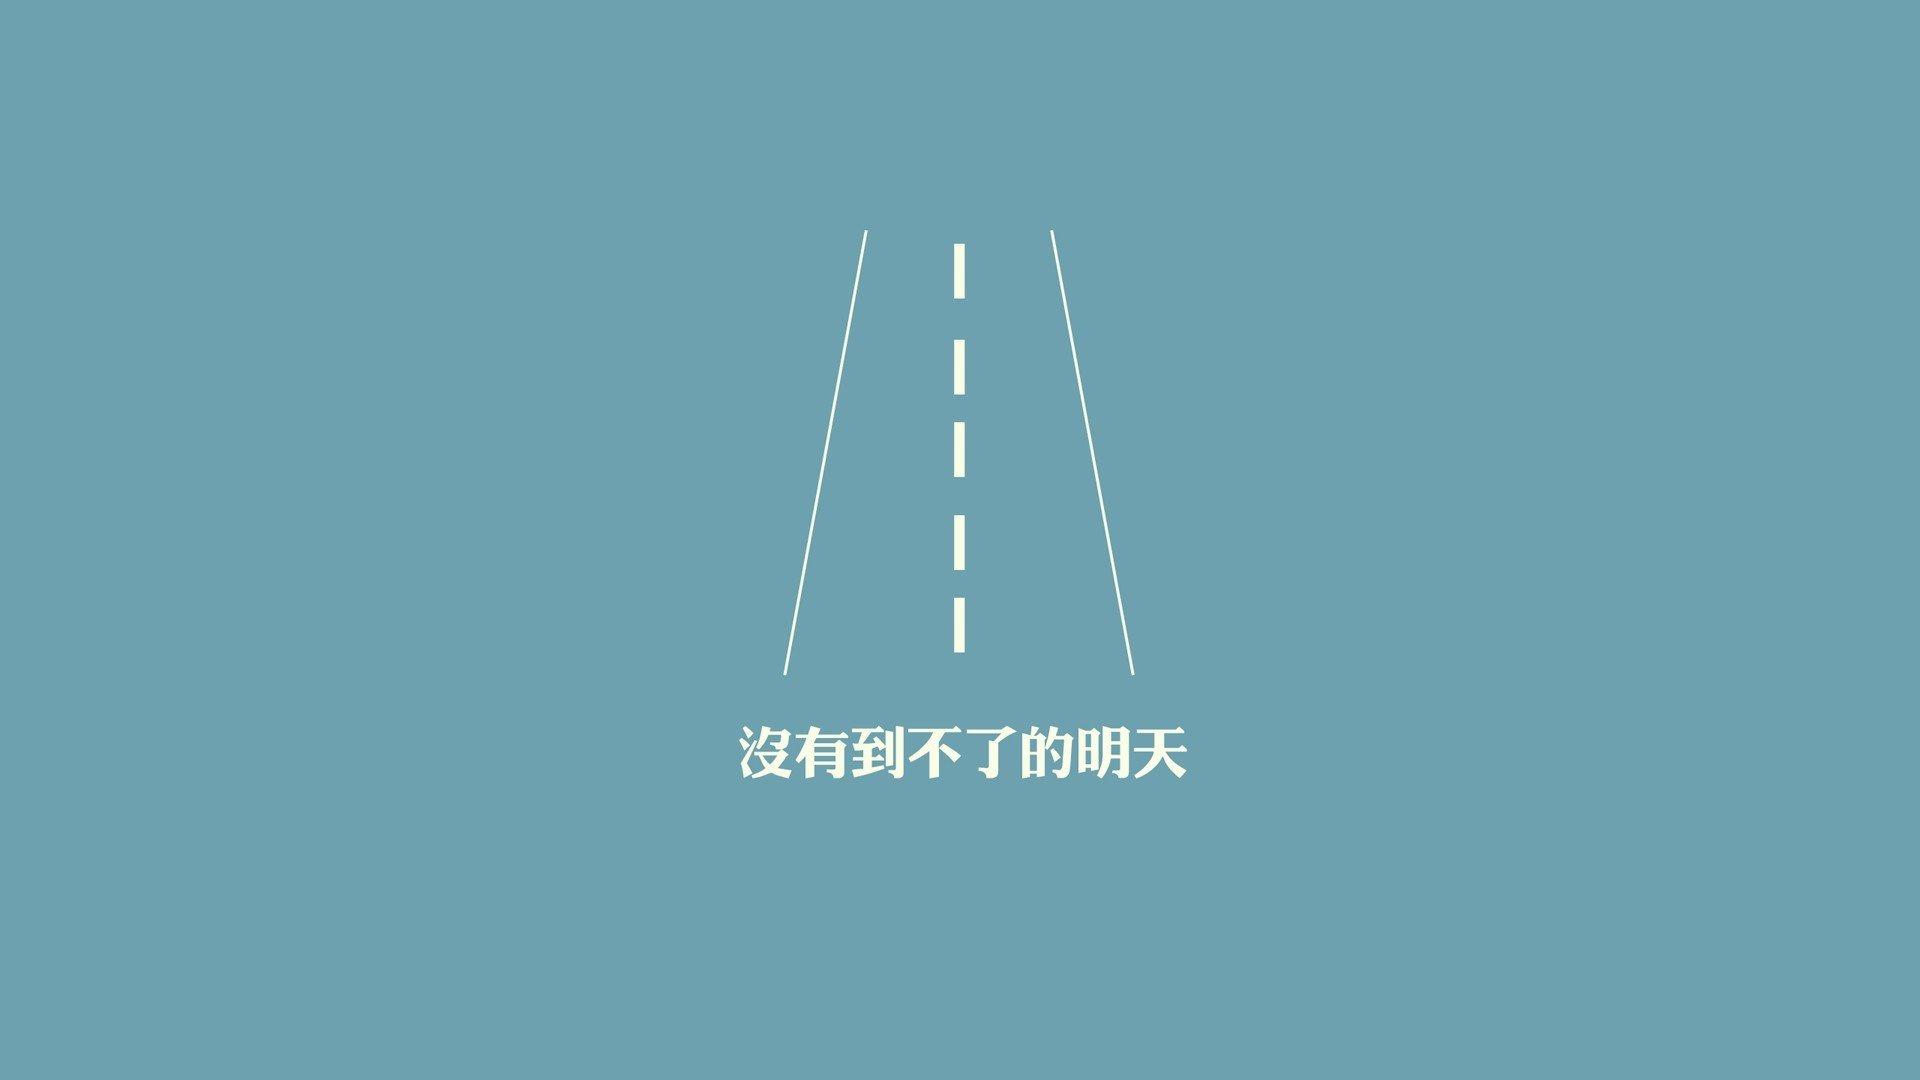 代县全域旅游发展喜鹊登枝前程似锦